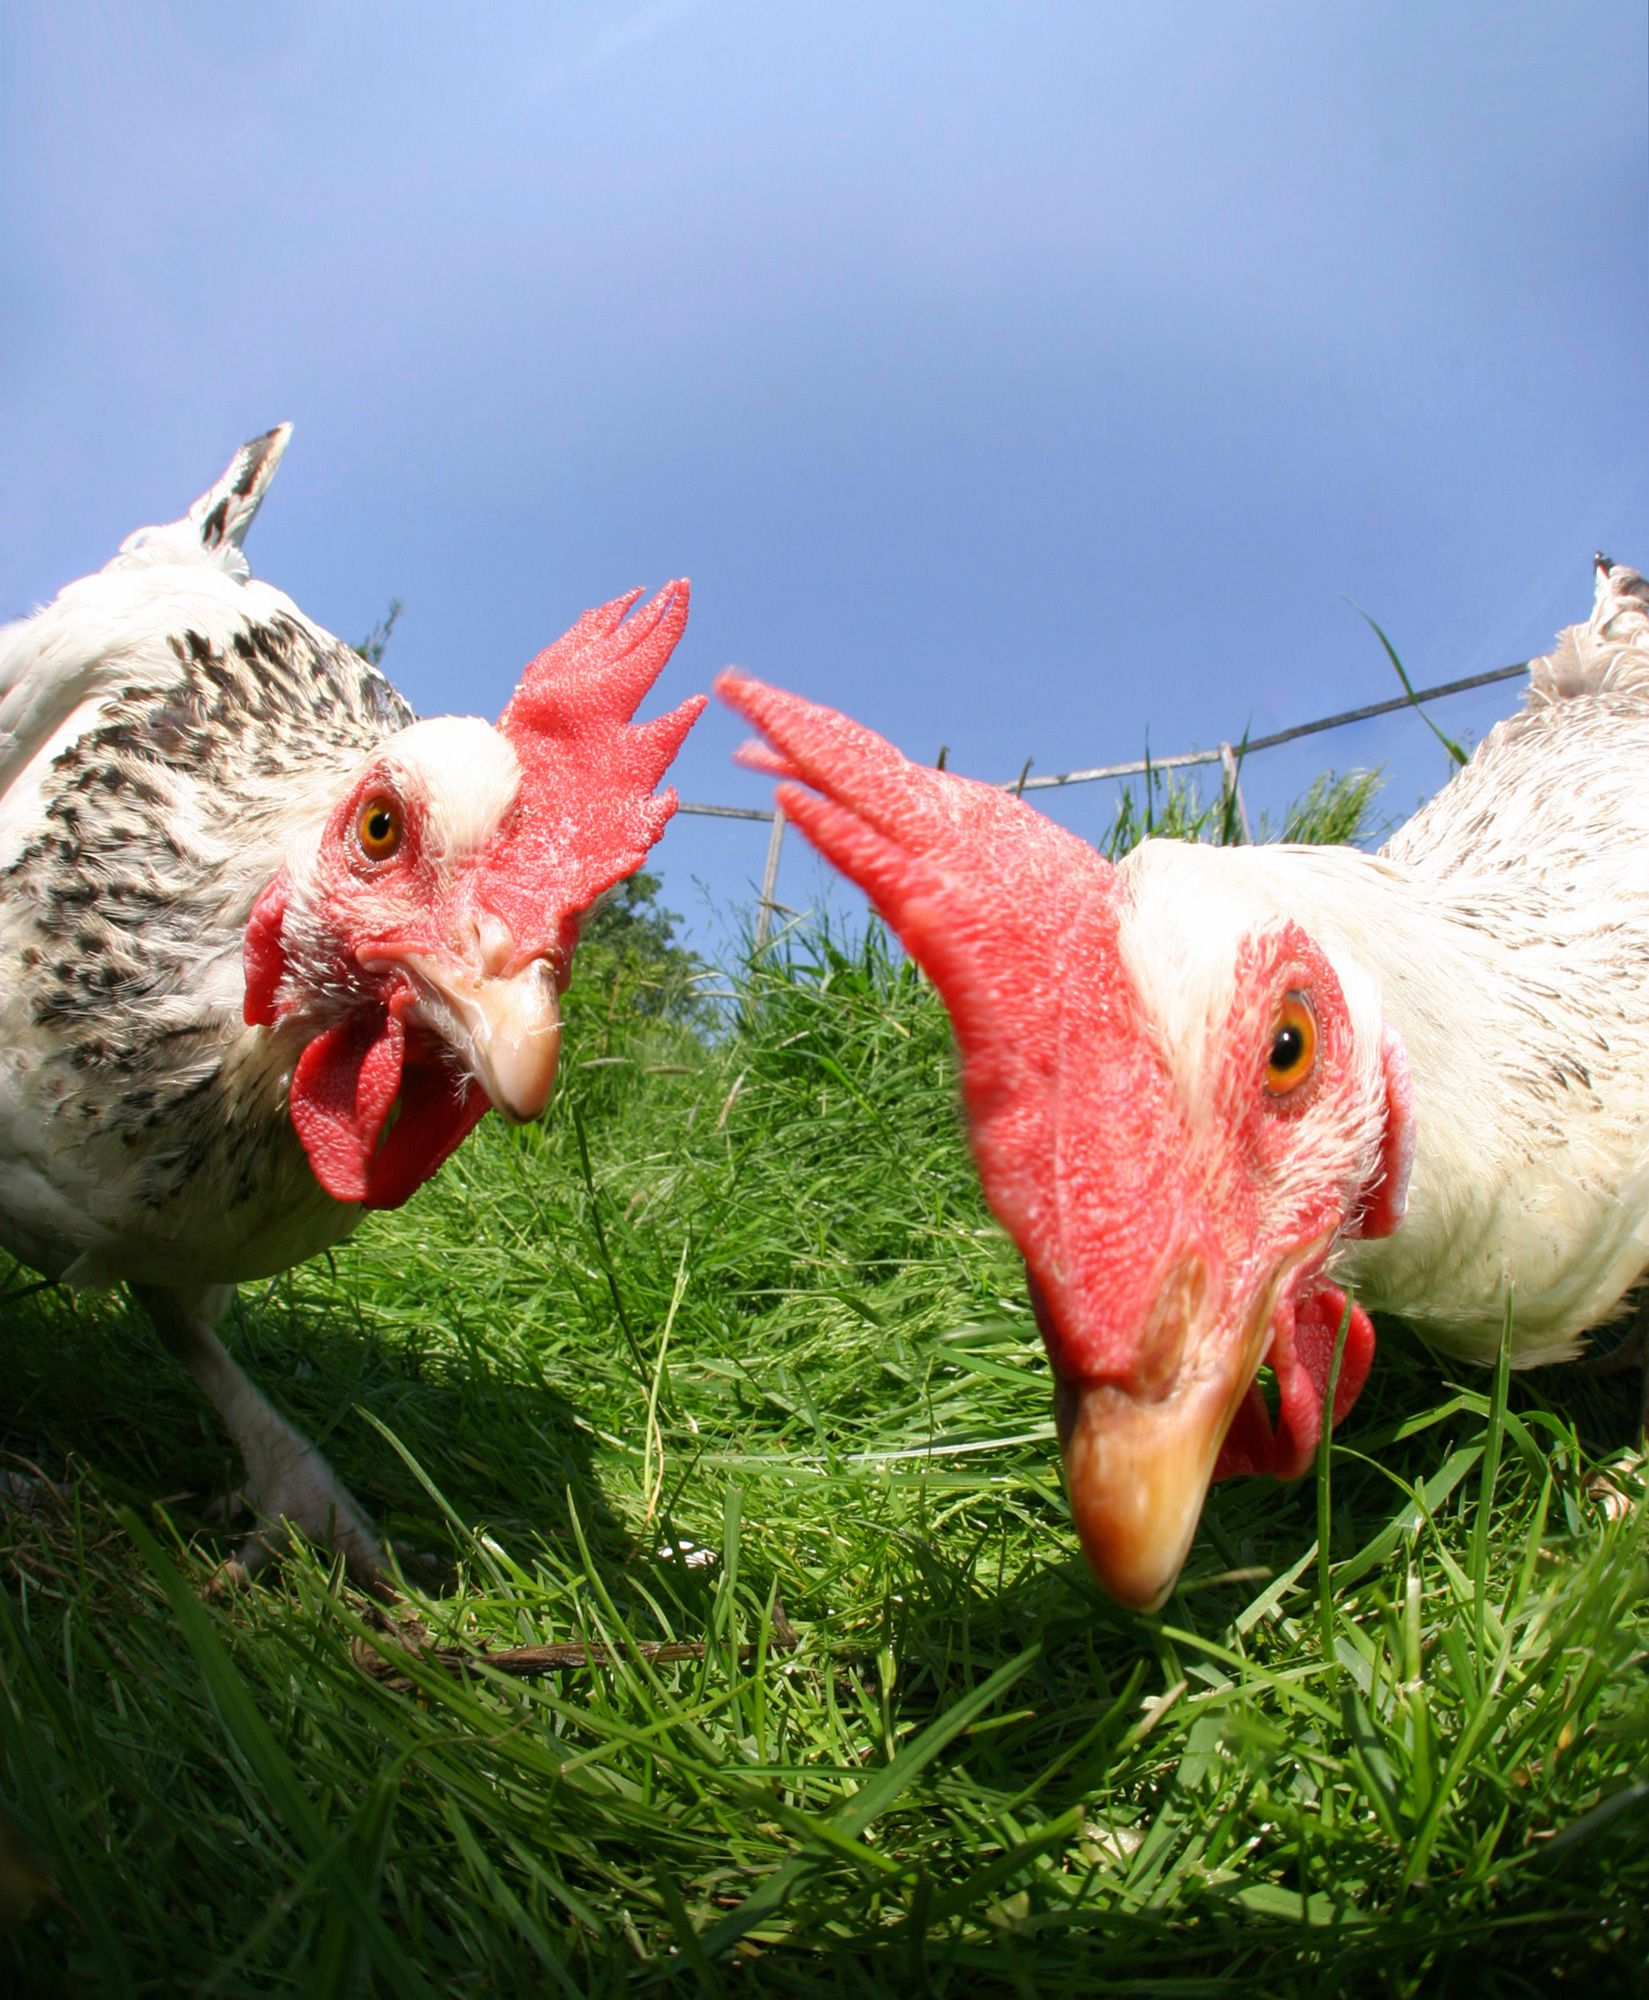 animales granja - gallinas